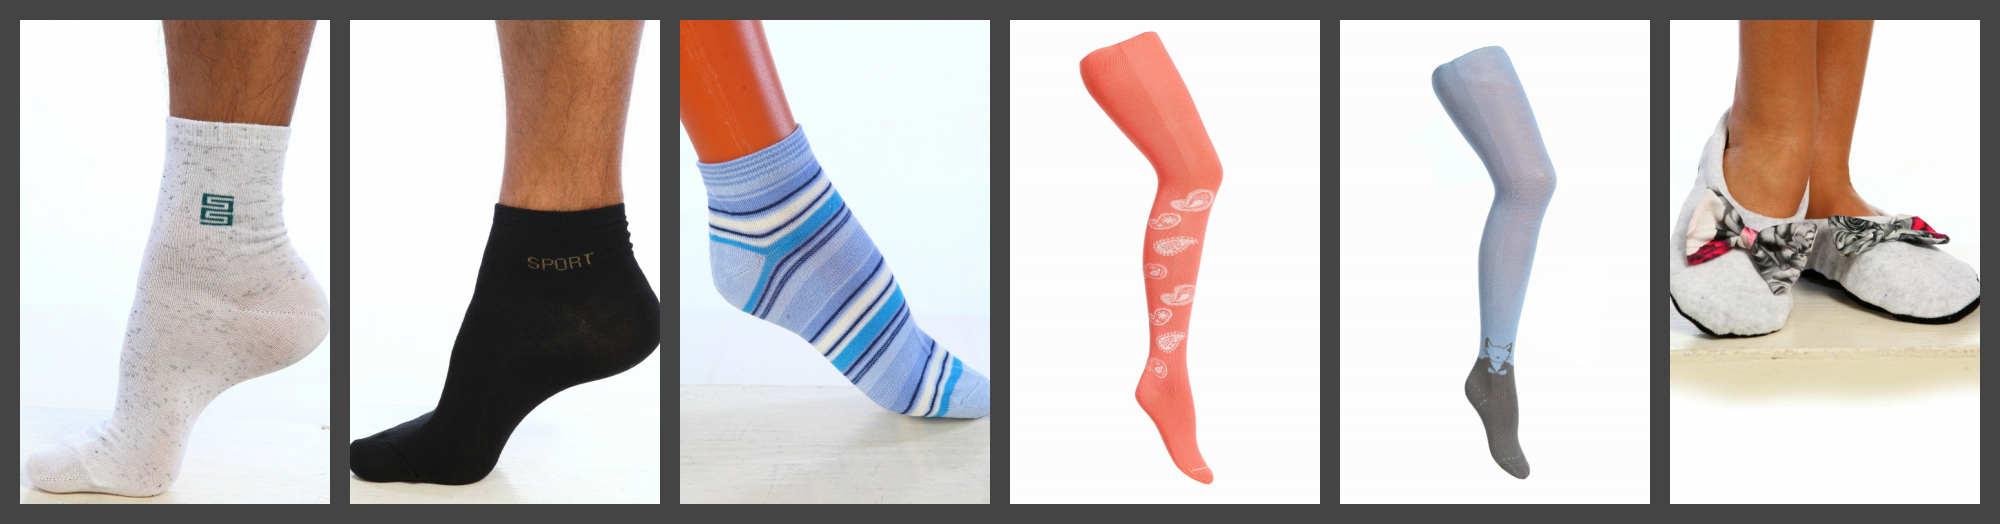 Сбор заказов. Женские , мужские и детские носки от отечественного производителя. А также есть детские колготки и тапки . Выкуп 2.